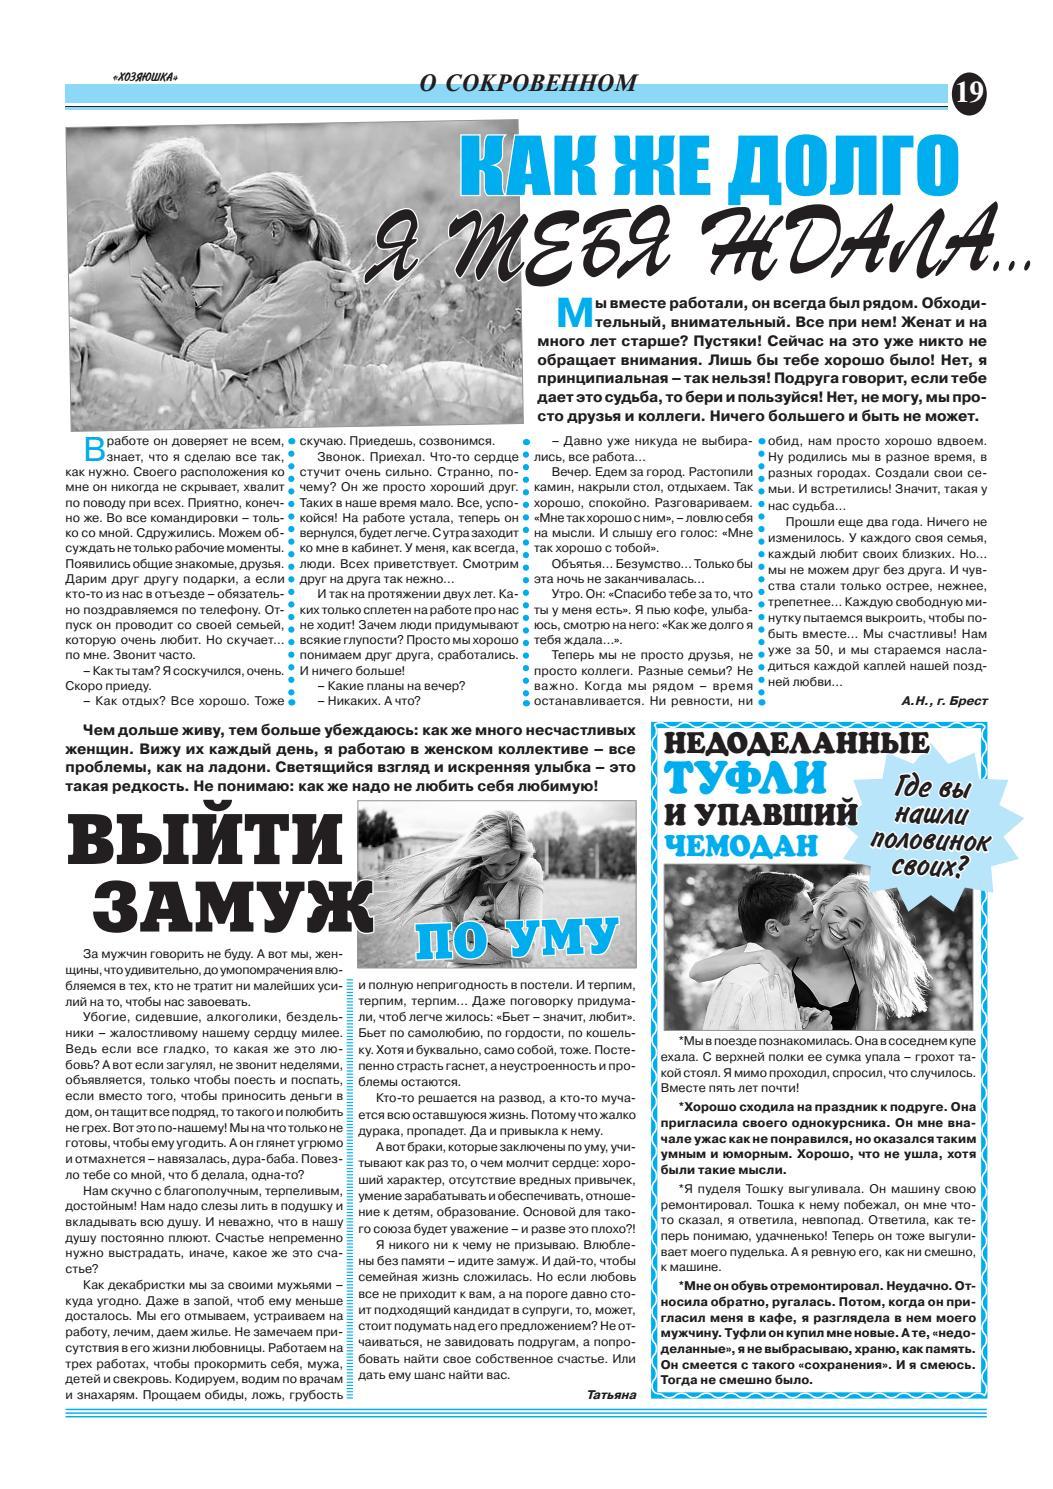 женская газета картинки творческим идеям пиратской